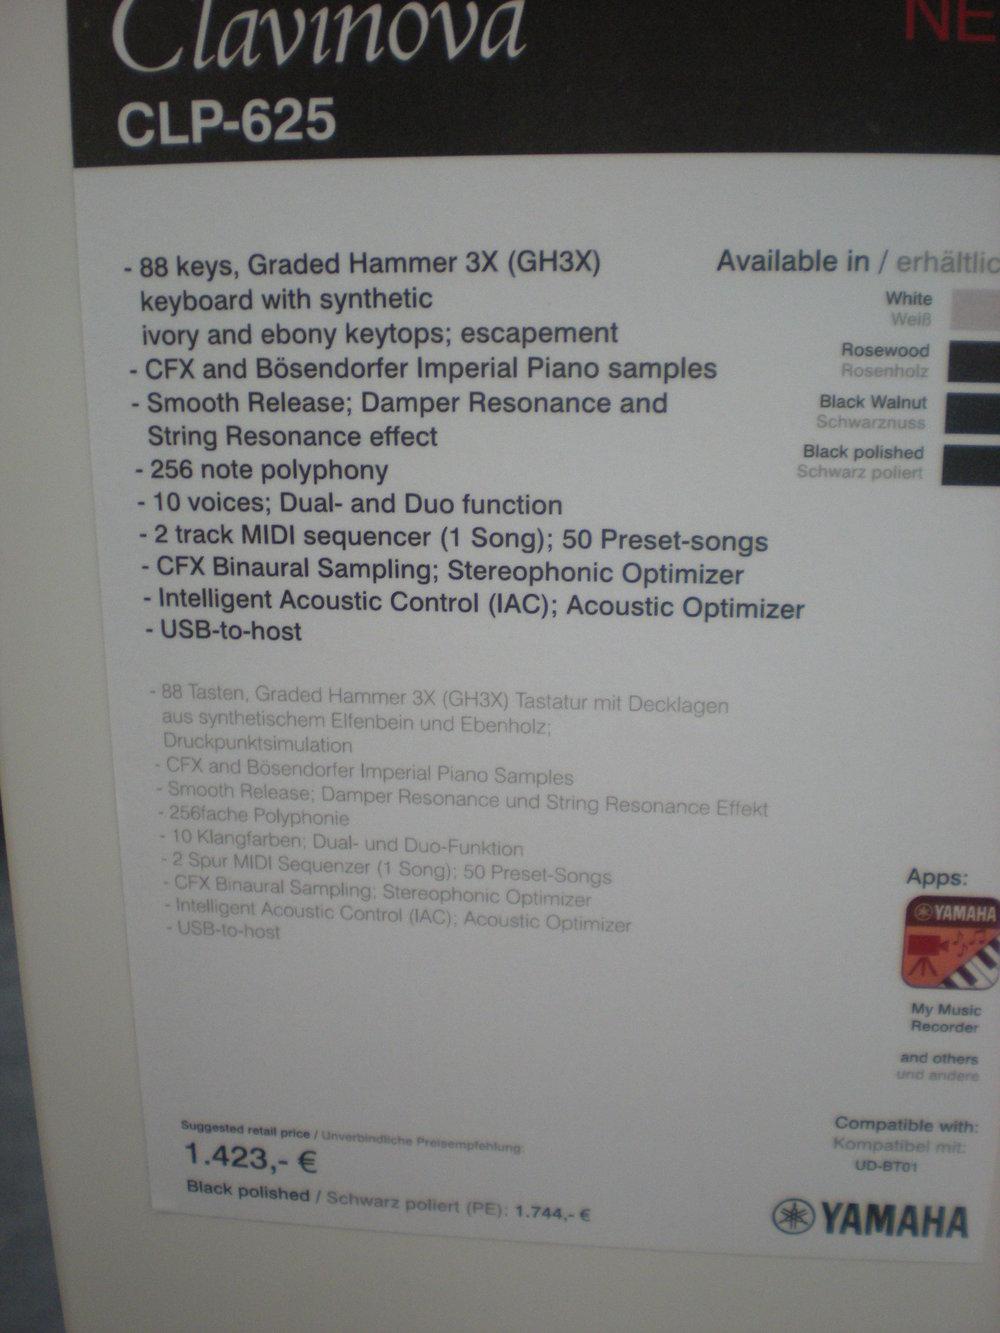 Yamaha CLP-625 - specyfikacje